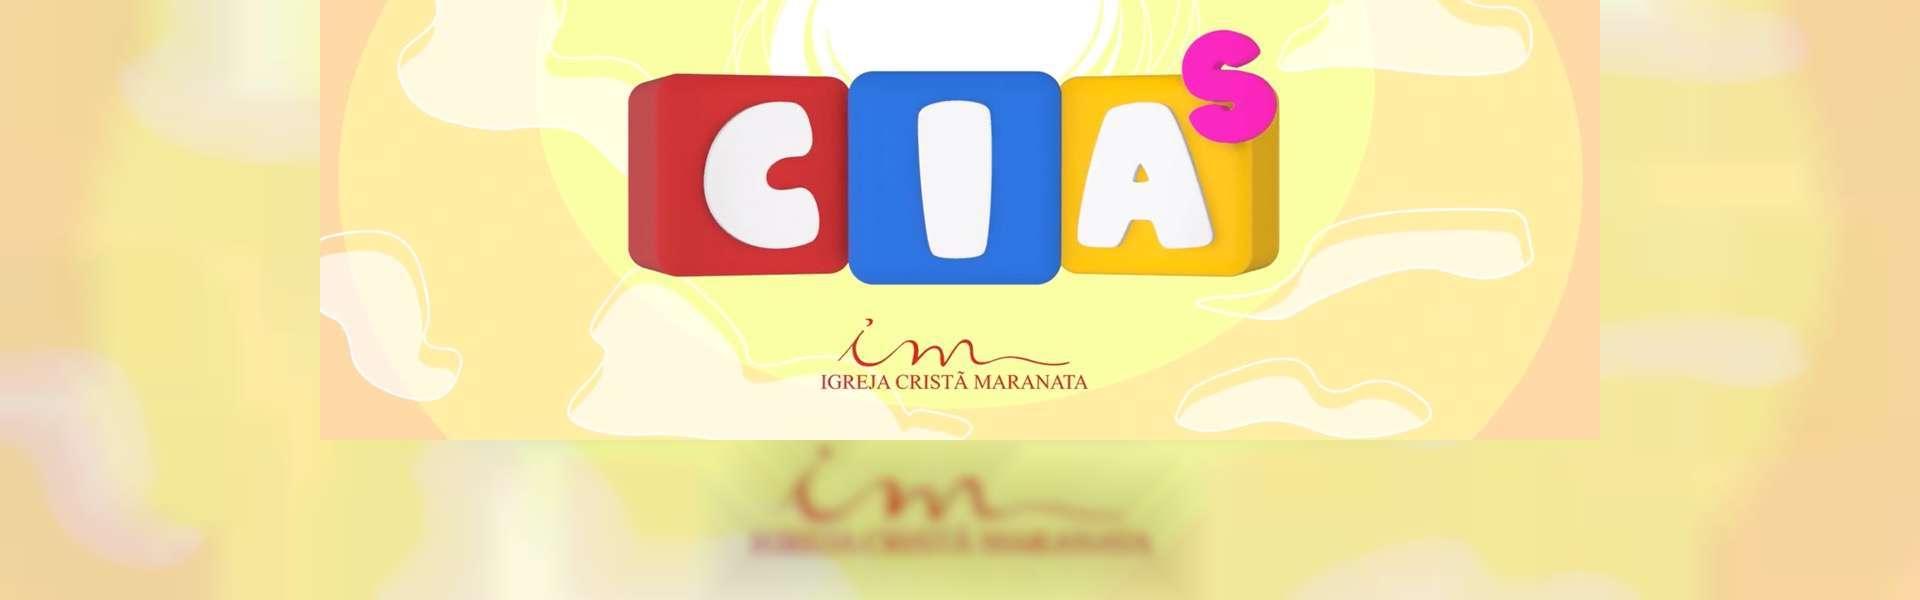 Igreja Cristã Maranata investe em animações gráficas de louvores para crianças